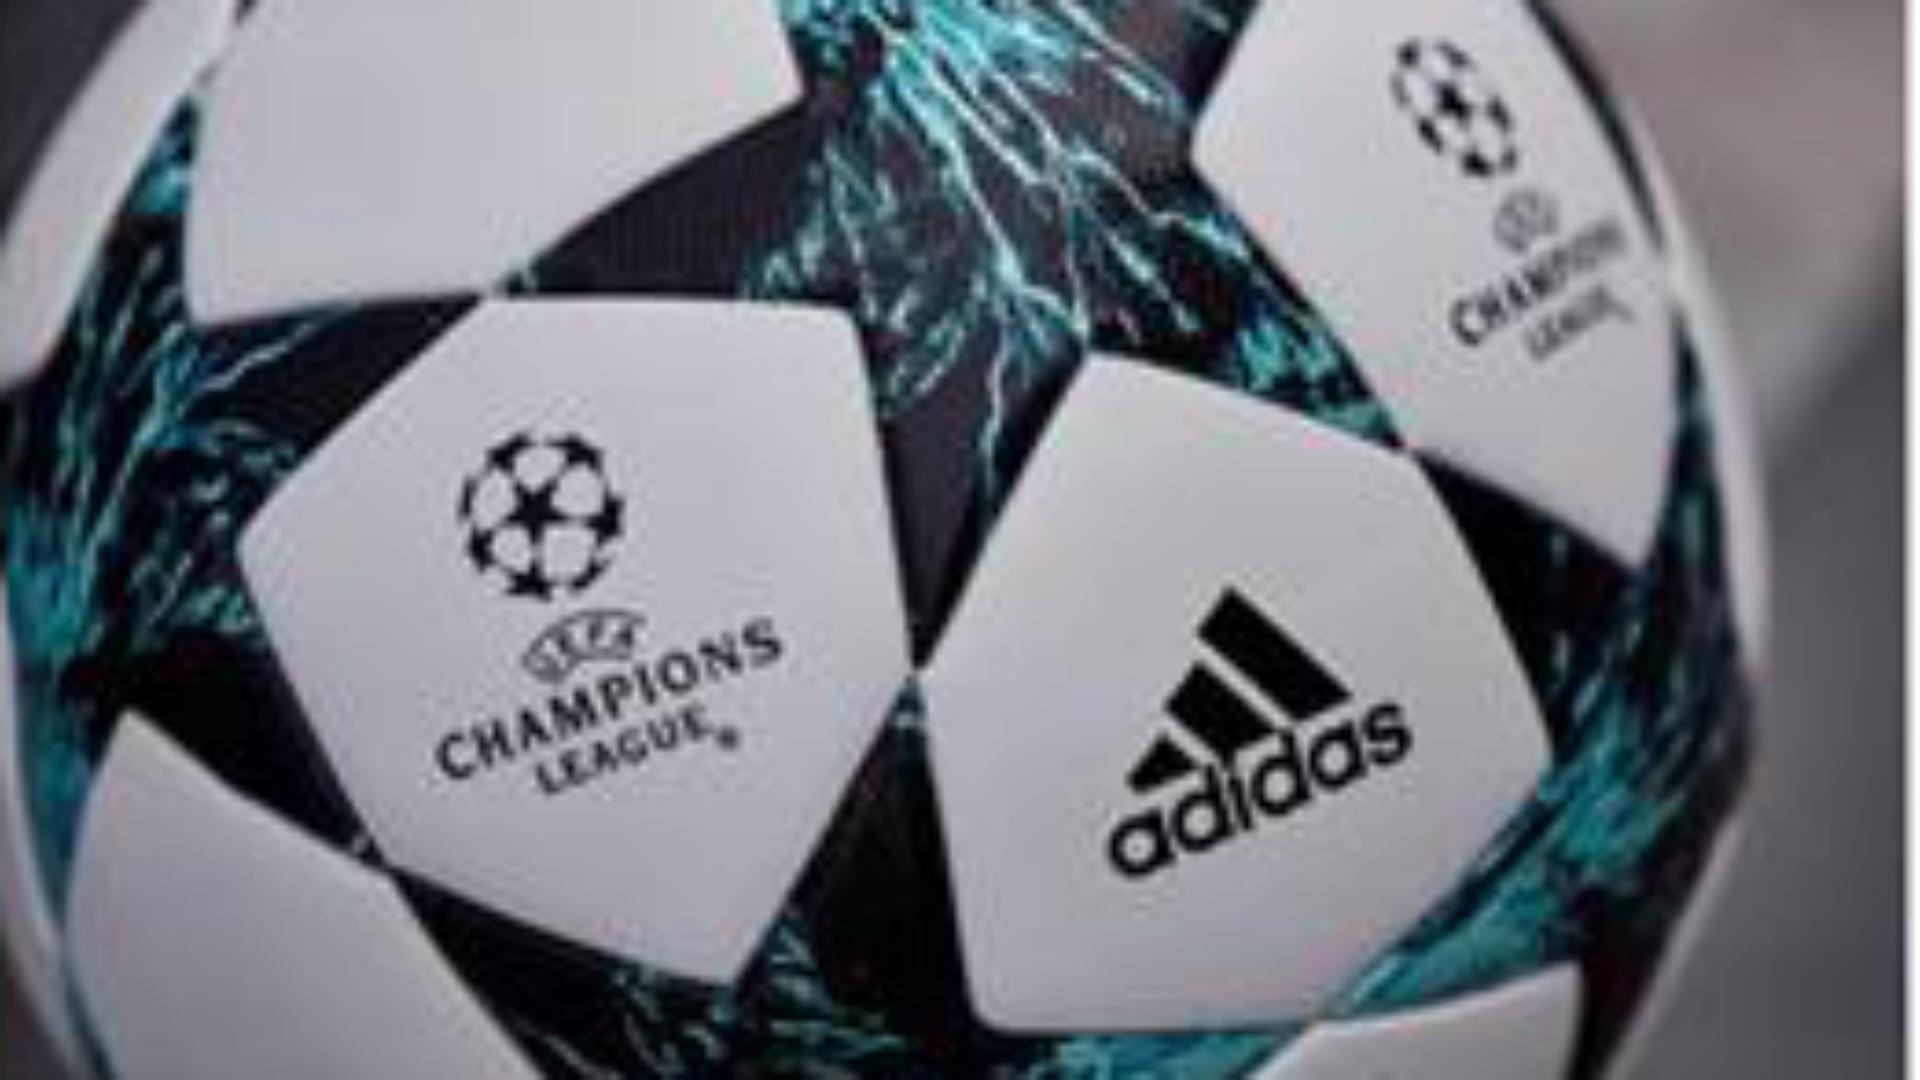 Roma, Monchi: 'Chelsea e Atletico avanti, lotteremo per passare'